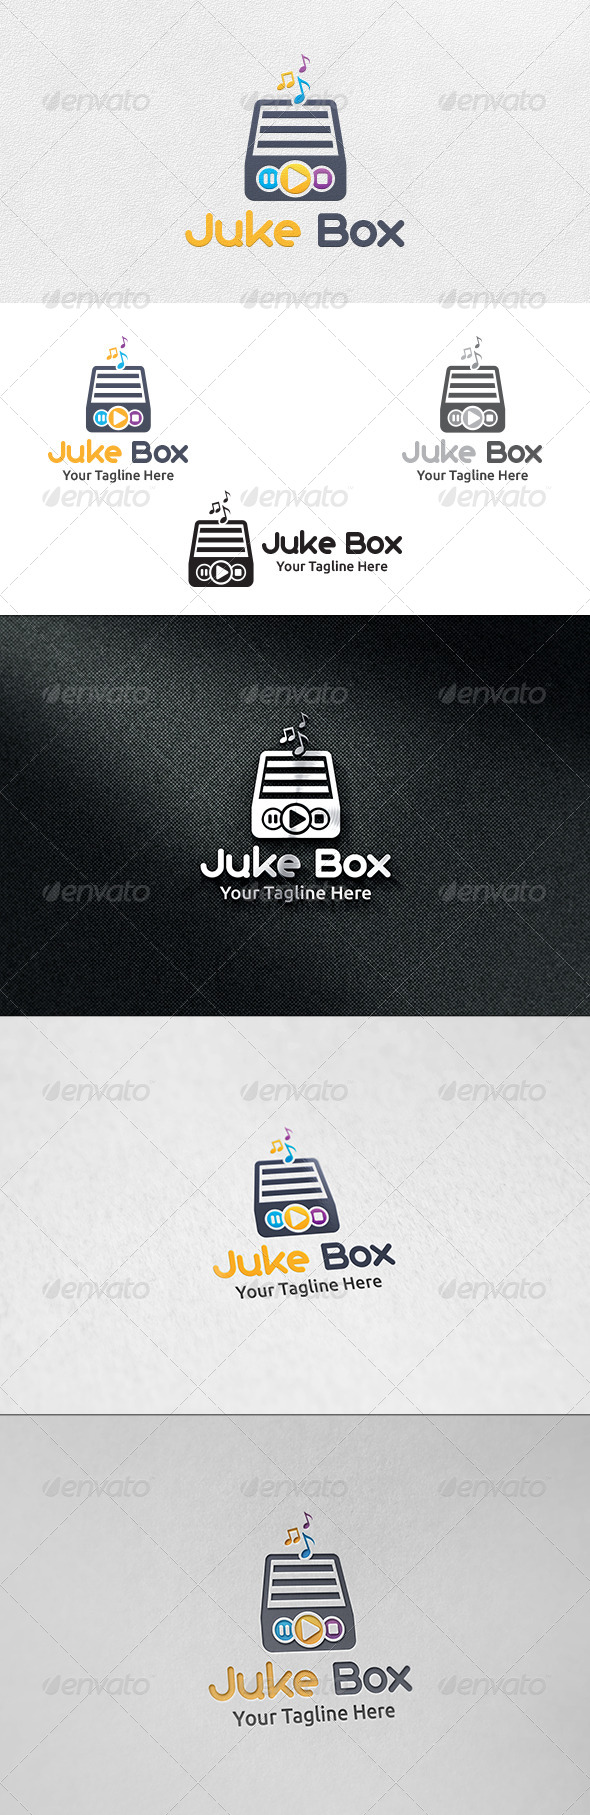 GraphicRiver Juke Box Logo Template 7058013